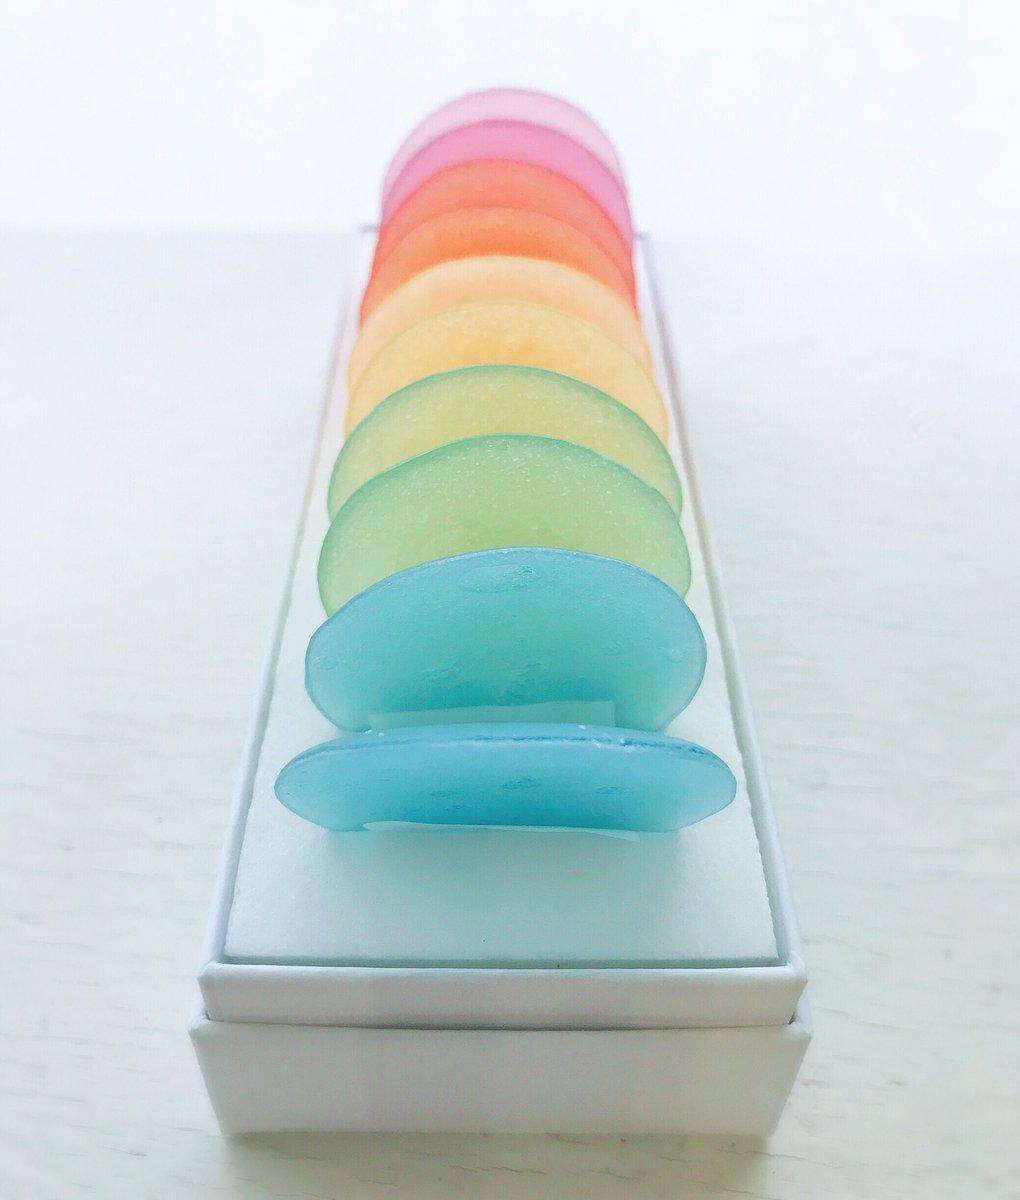 なんて美しい!夢のように綺麗なお菓子「みずのいろ」が素晴らしい!